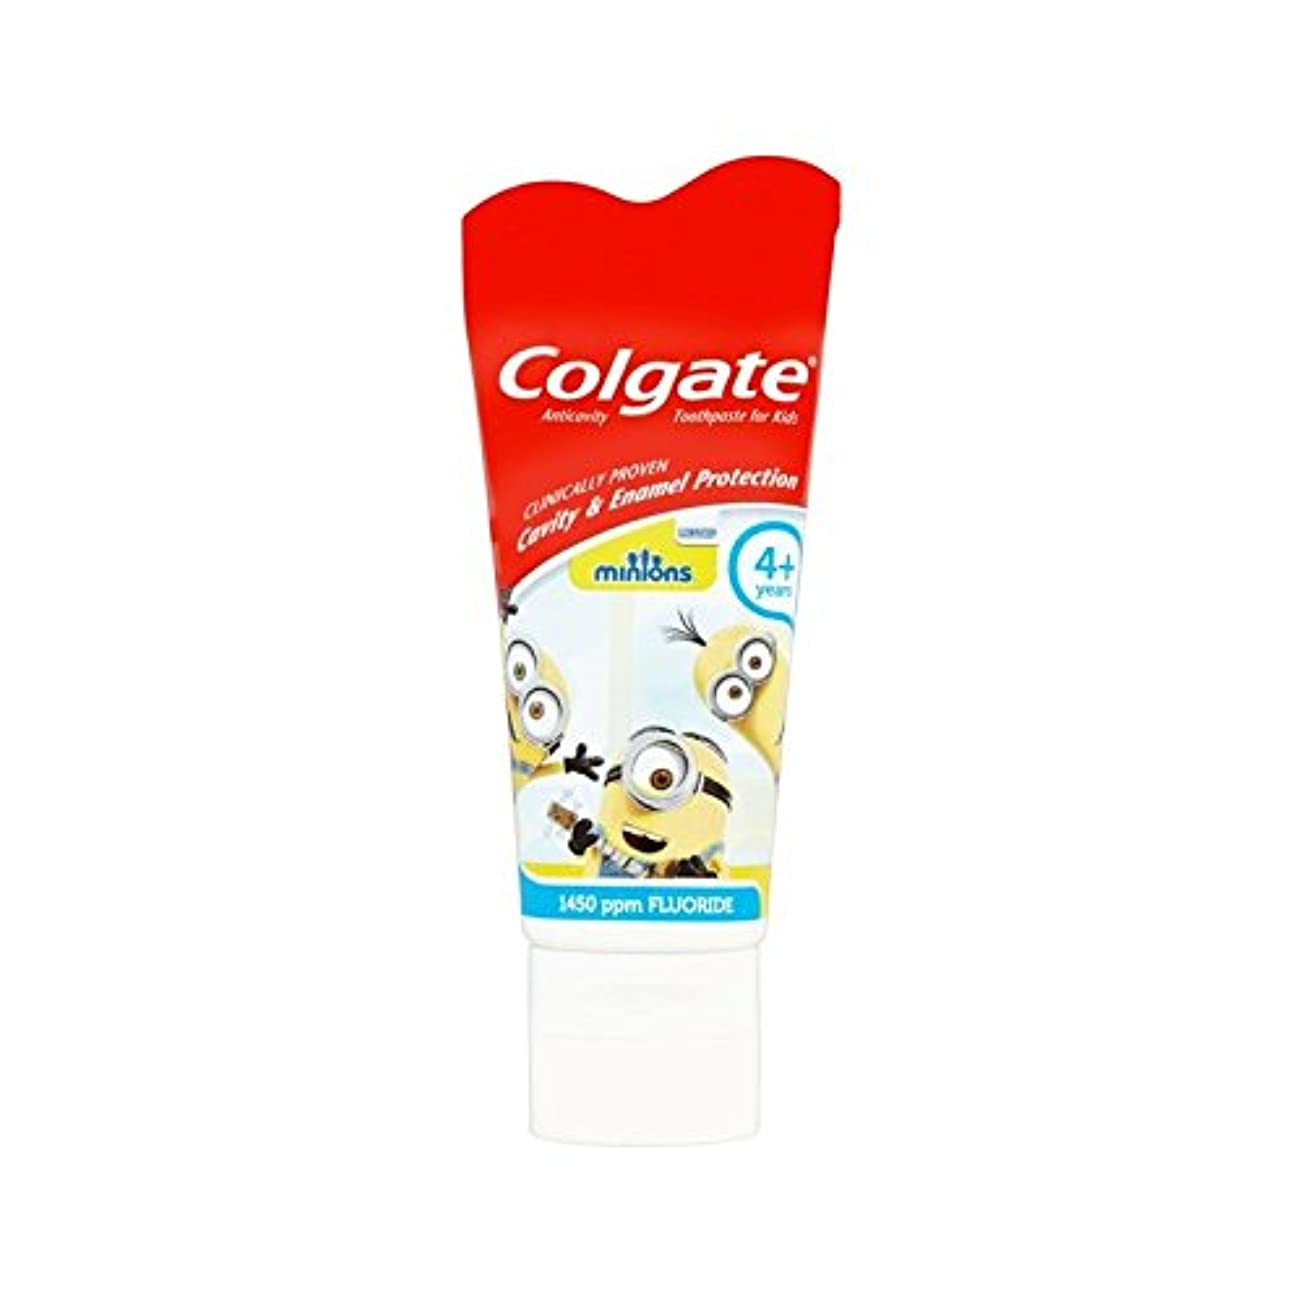 災難控えめな登録する手下の子供4+歯磨き粉50ミリリットル (Colgate) (x 4) - Colgate Minions Kids 4+ Toothpaste 50ml (Pack of 4) [並行輸入品]